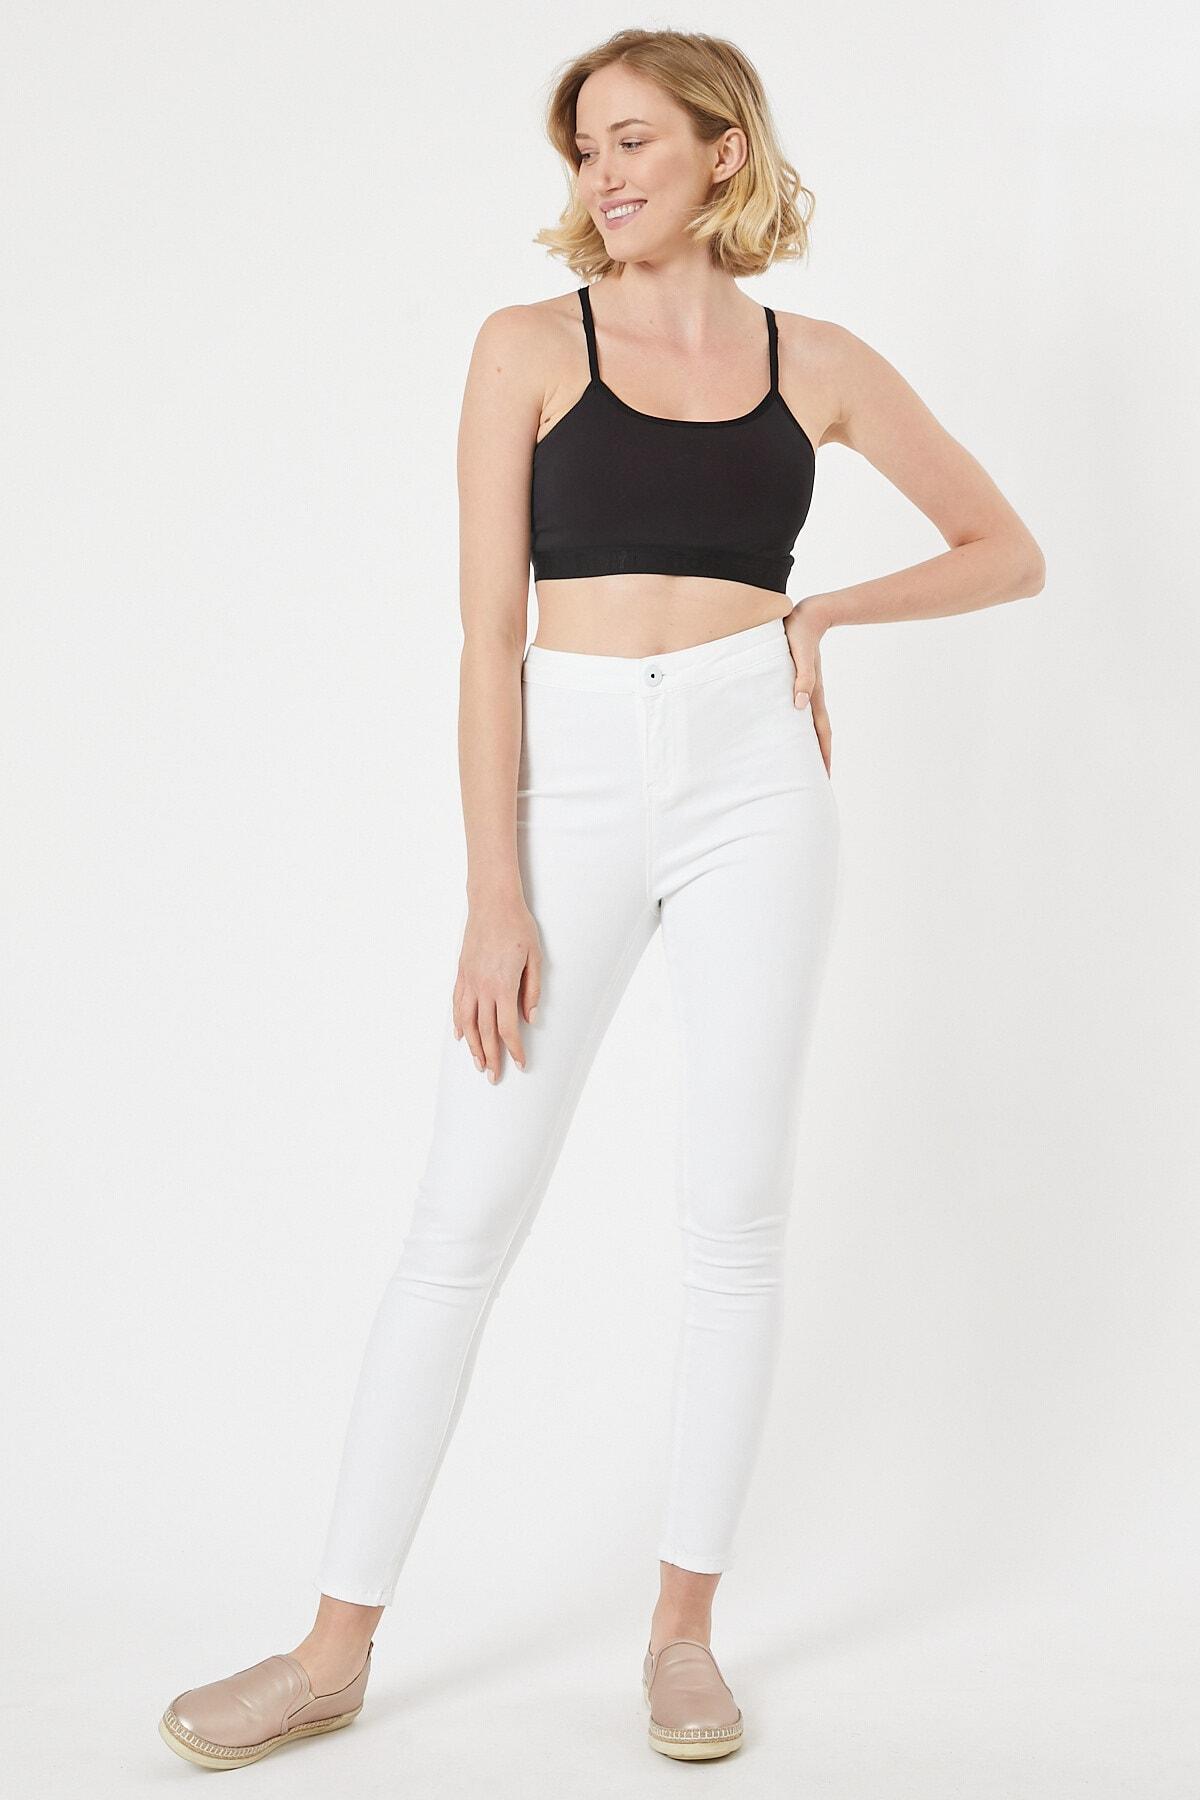 EEL JEANS Beyaz Renk Kadın Tayt Pantolon 1